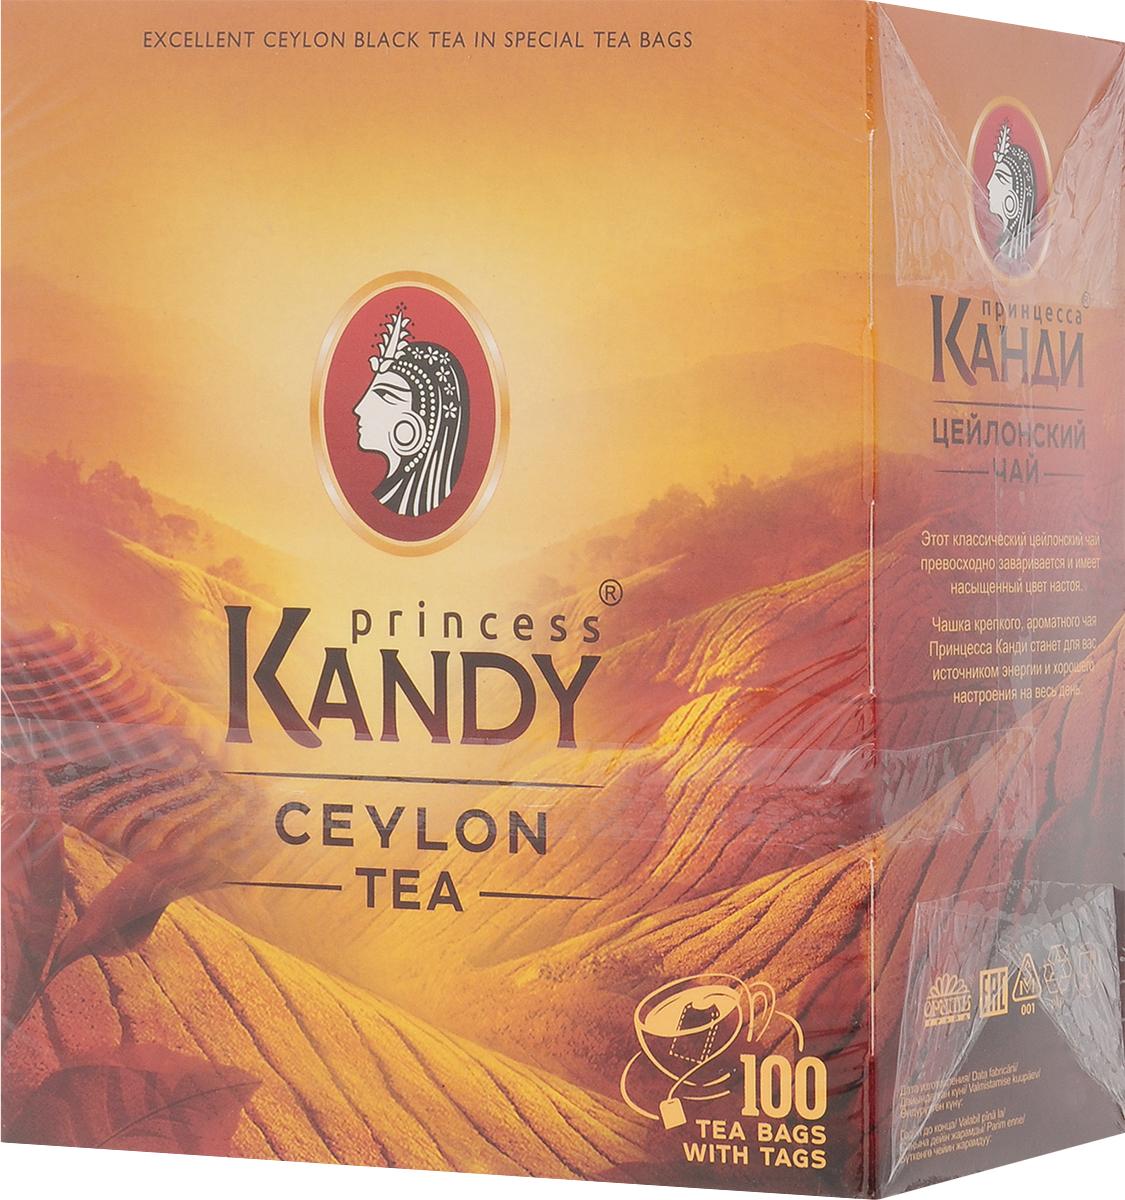 Принцесса Канди Цейлон черный чай в пакетиках, 100 шт101246Черный чай в пакетиках Принцесса Канди Цейлон имеет насыщенный, терпкий вкус и яркий аромат. Он быстро заваривается и обладает активным тонизирующим действием.Уважаемые клиенты! Обращаем ваше внимание на то, что упаковка может иметь несколько видов дизайна. Поставка осуществляется в зависимости от наличия на складе.